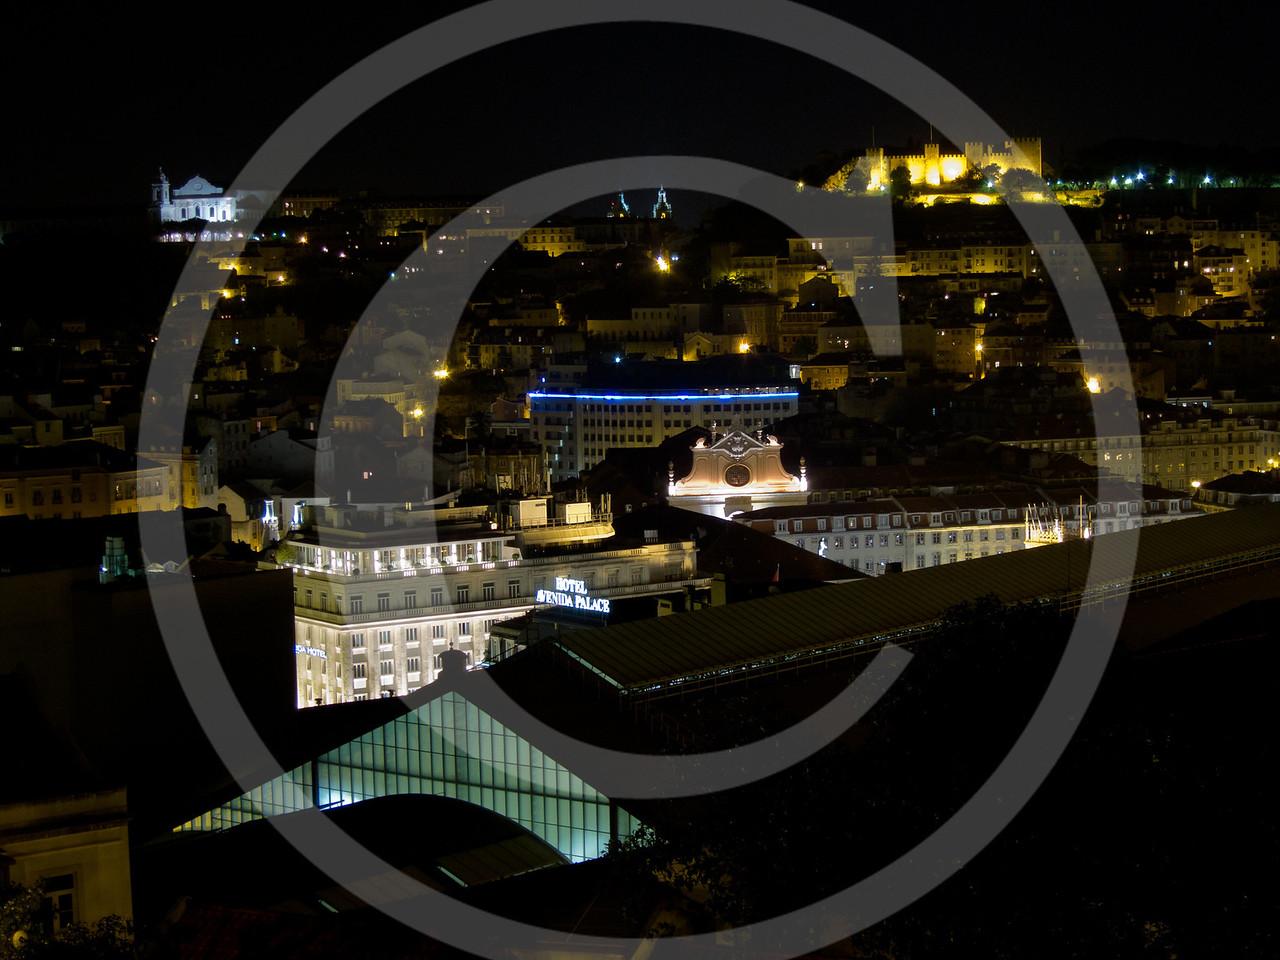 Lisboa04201117-035-2